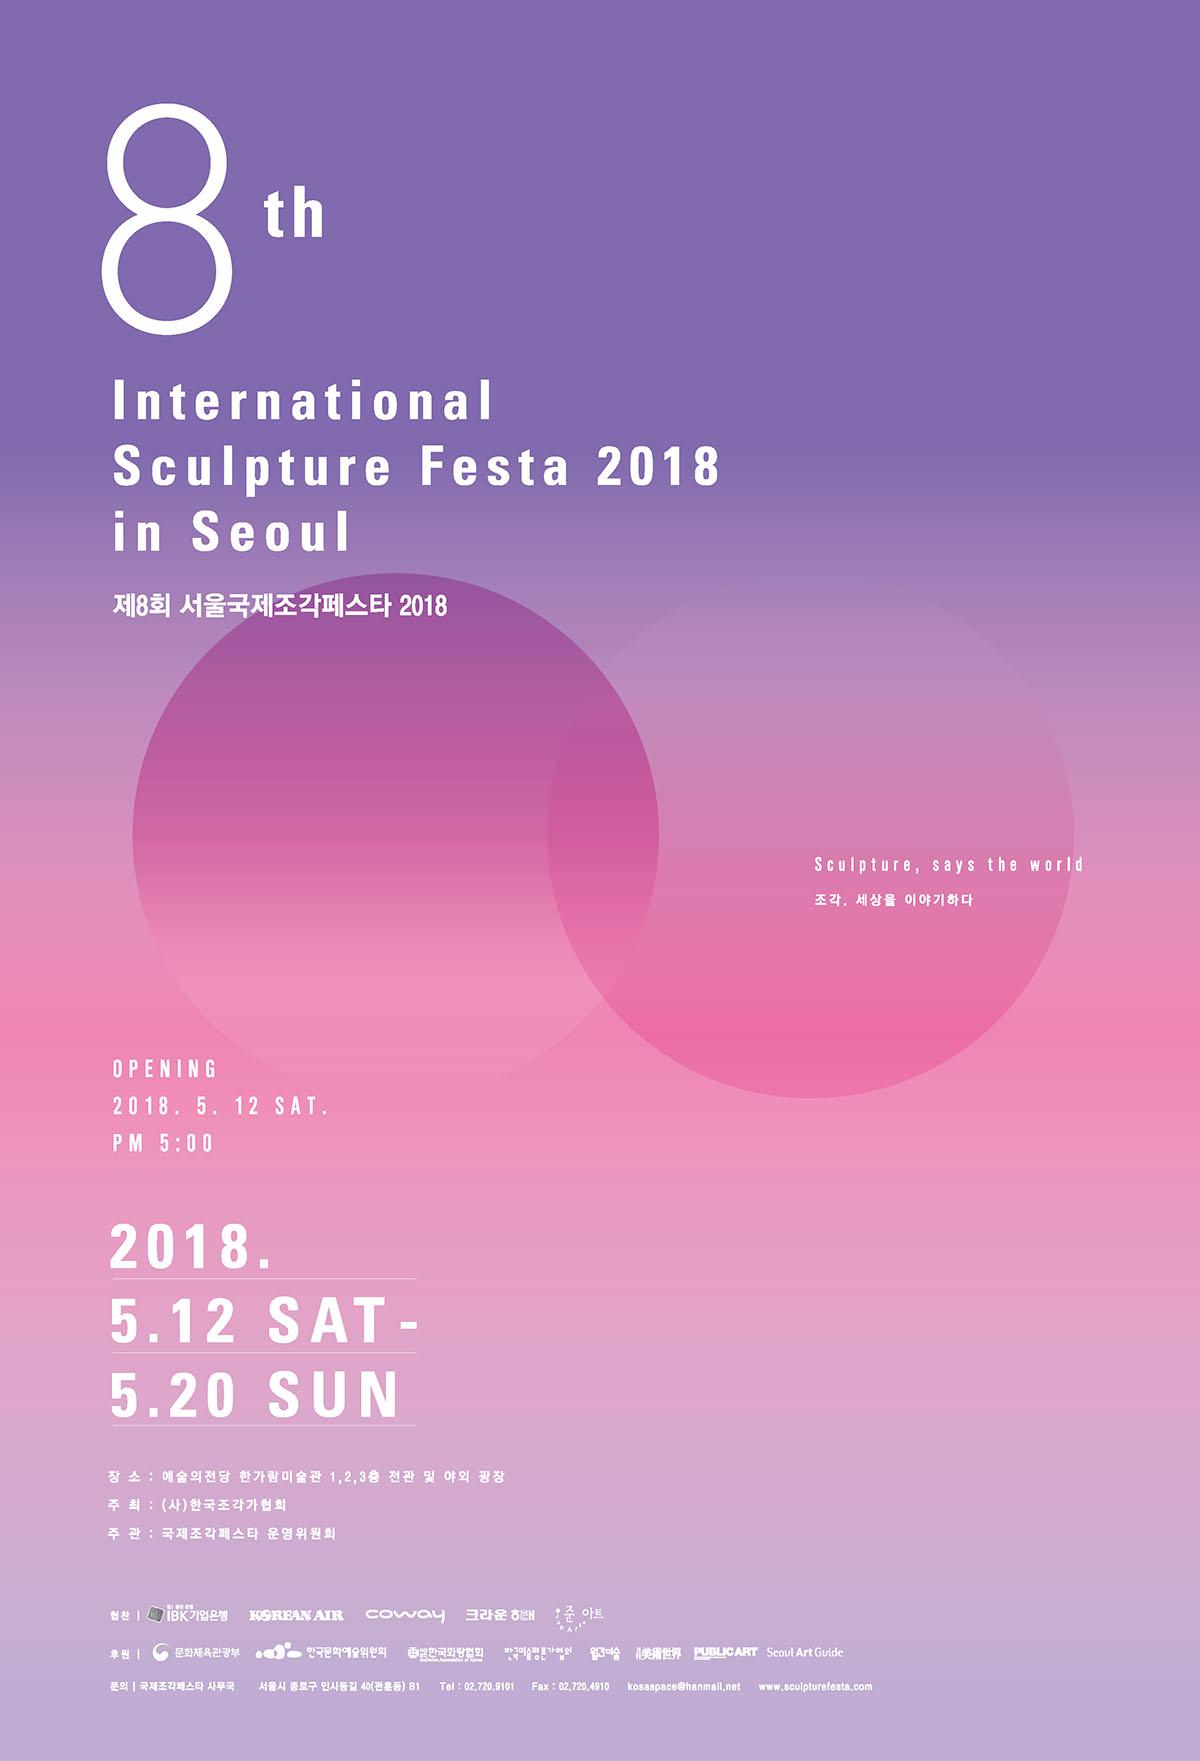 국제조각페스타 2018